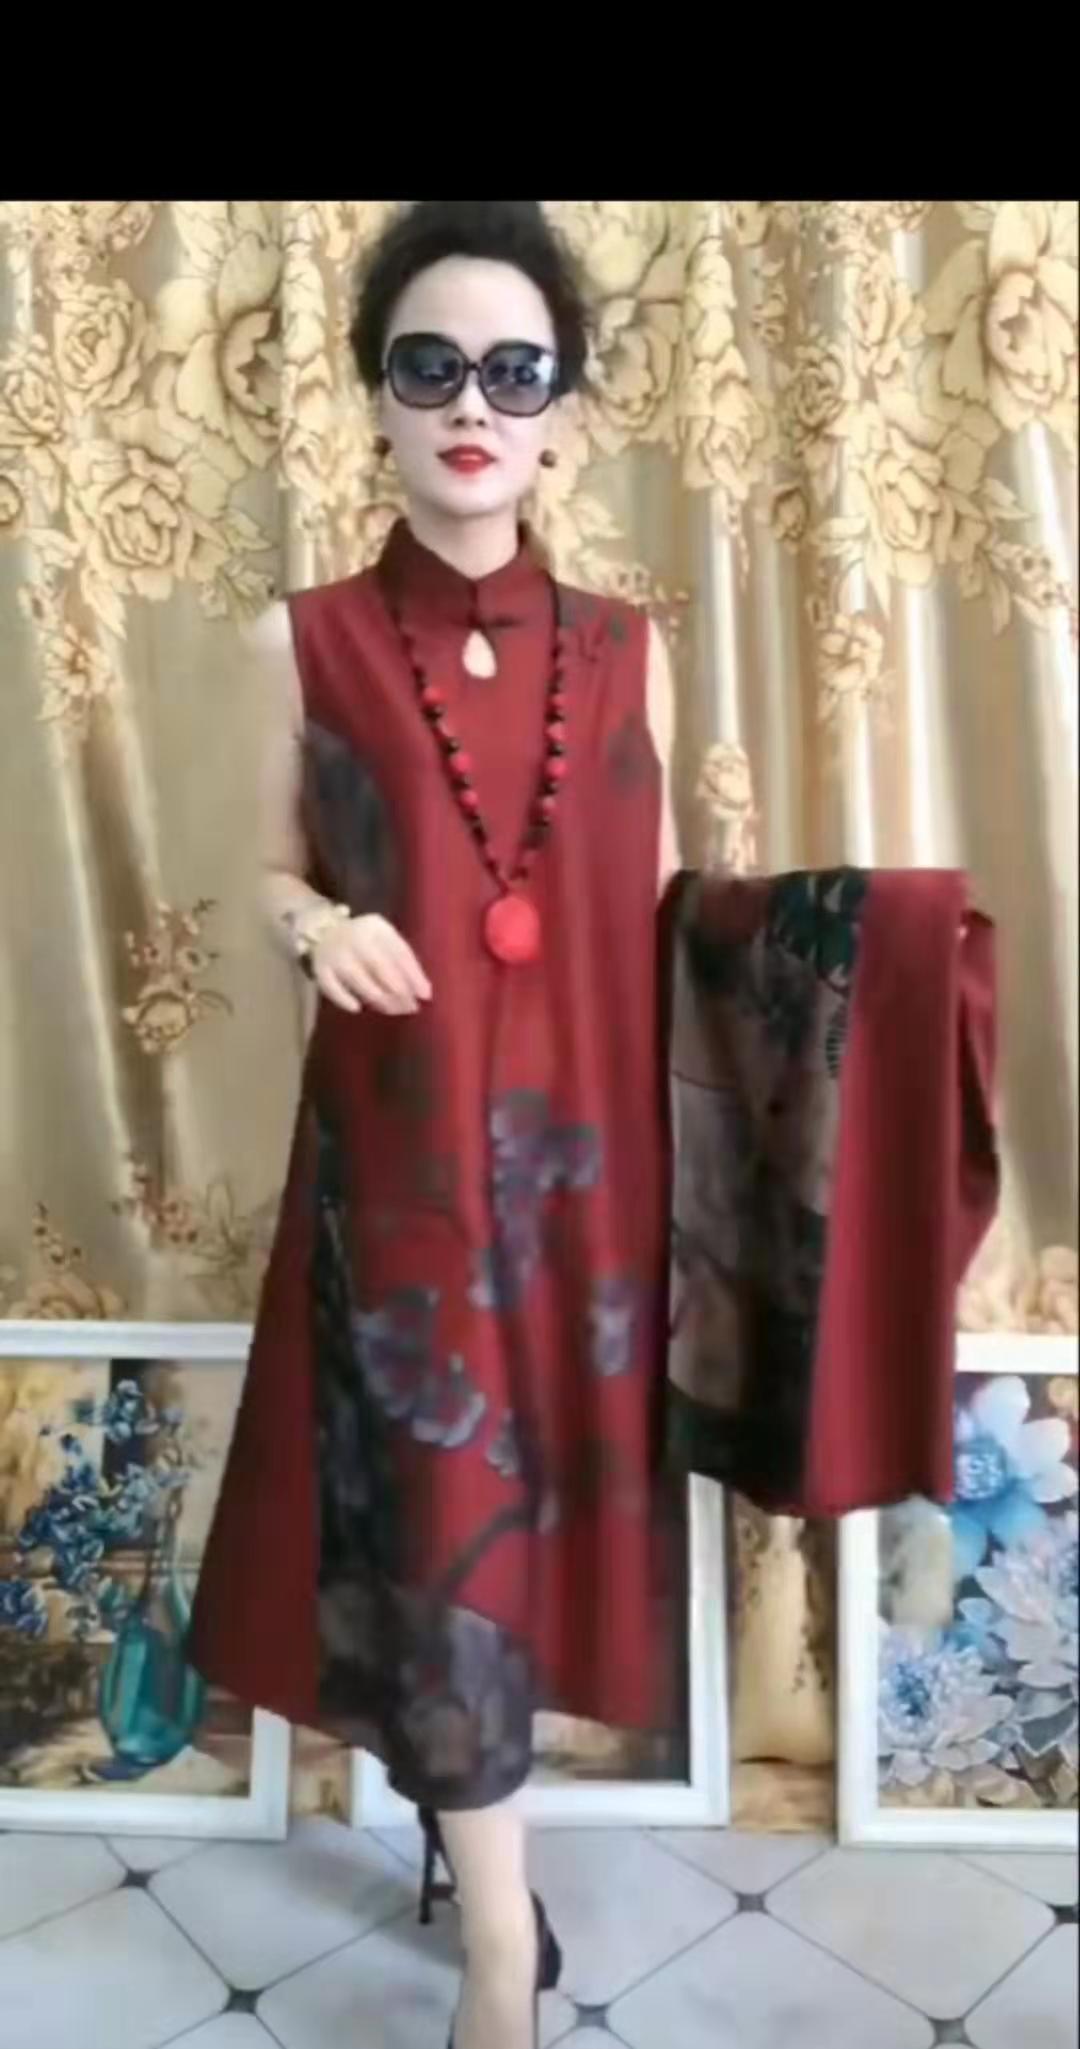 专柜2020春季网红精品时尚潮流贵妇人高端大气优雅不加绒旗袍裙两